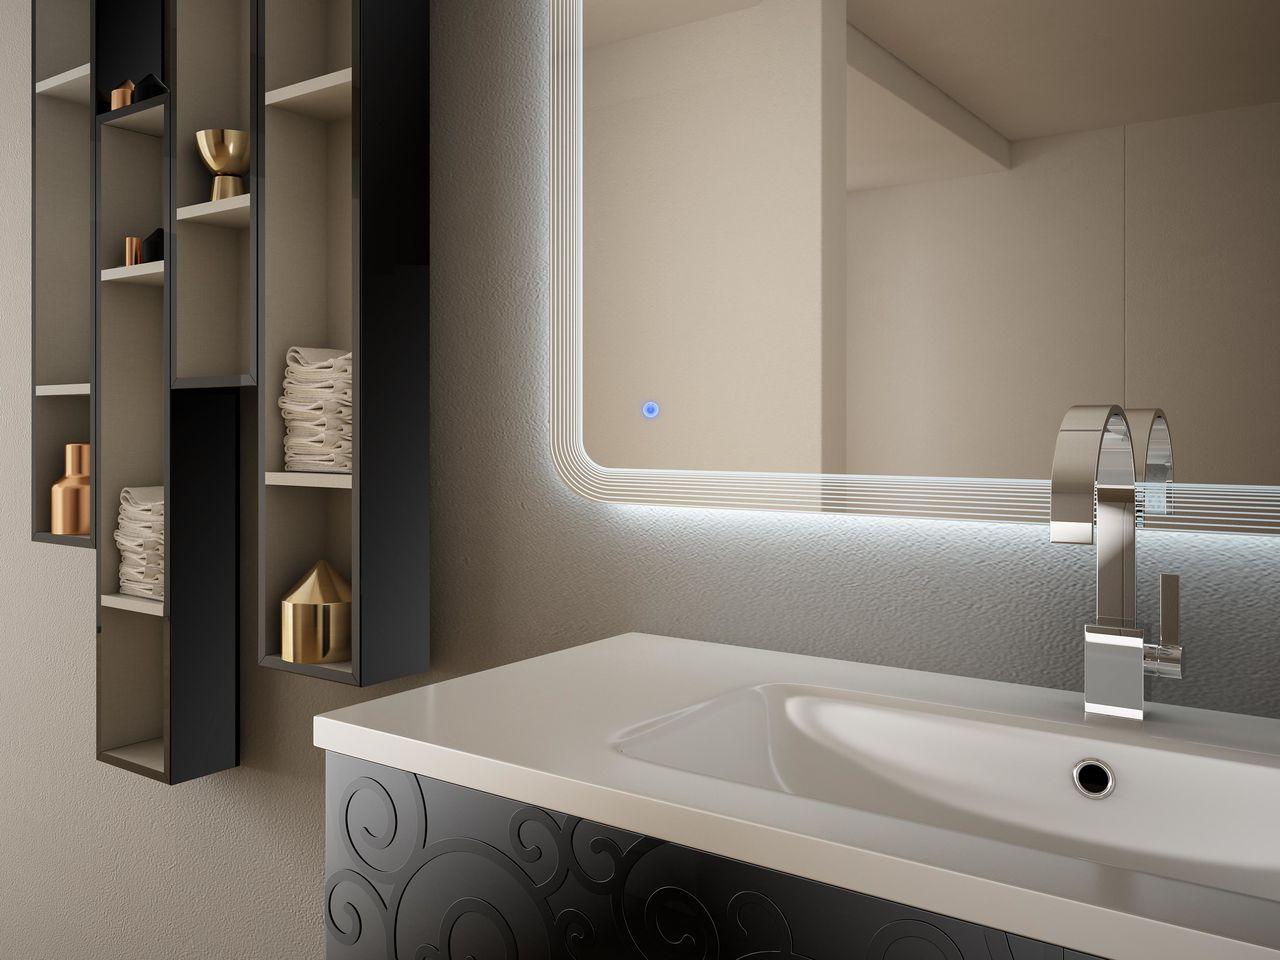 Mobile arredo da bagno milos sospeso 100 cm bianco nero - Mobile bagno nero lucido ...